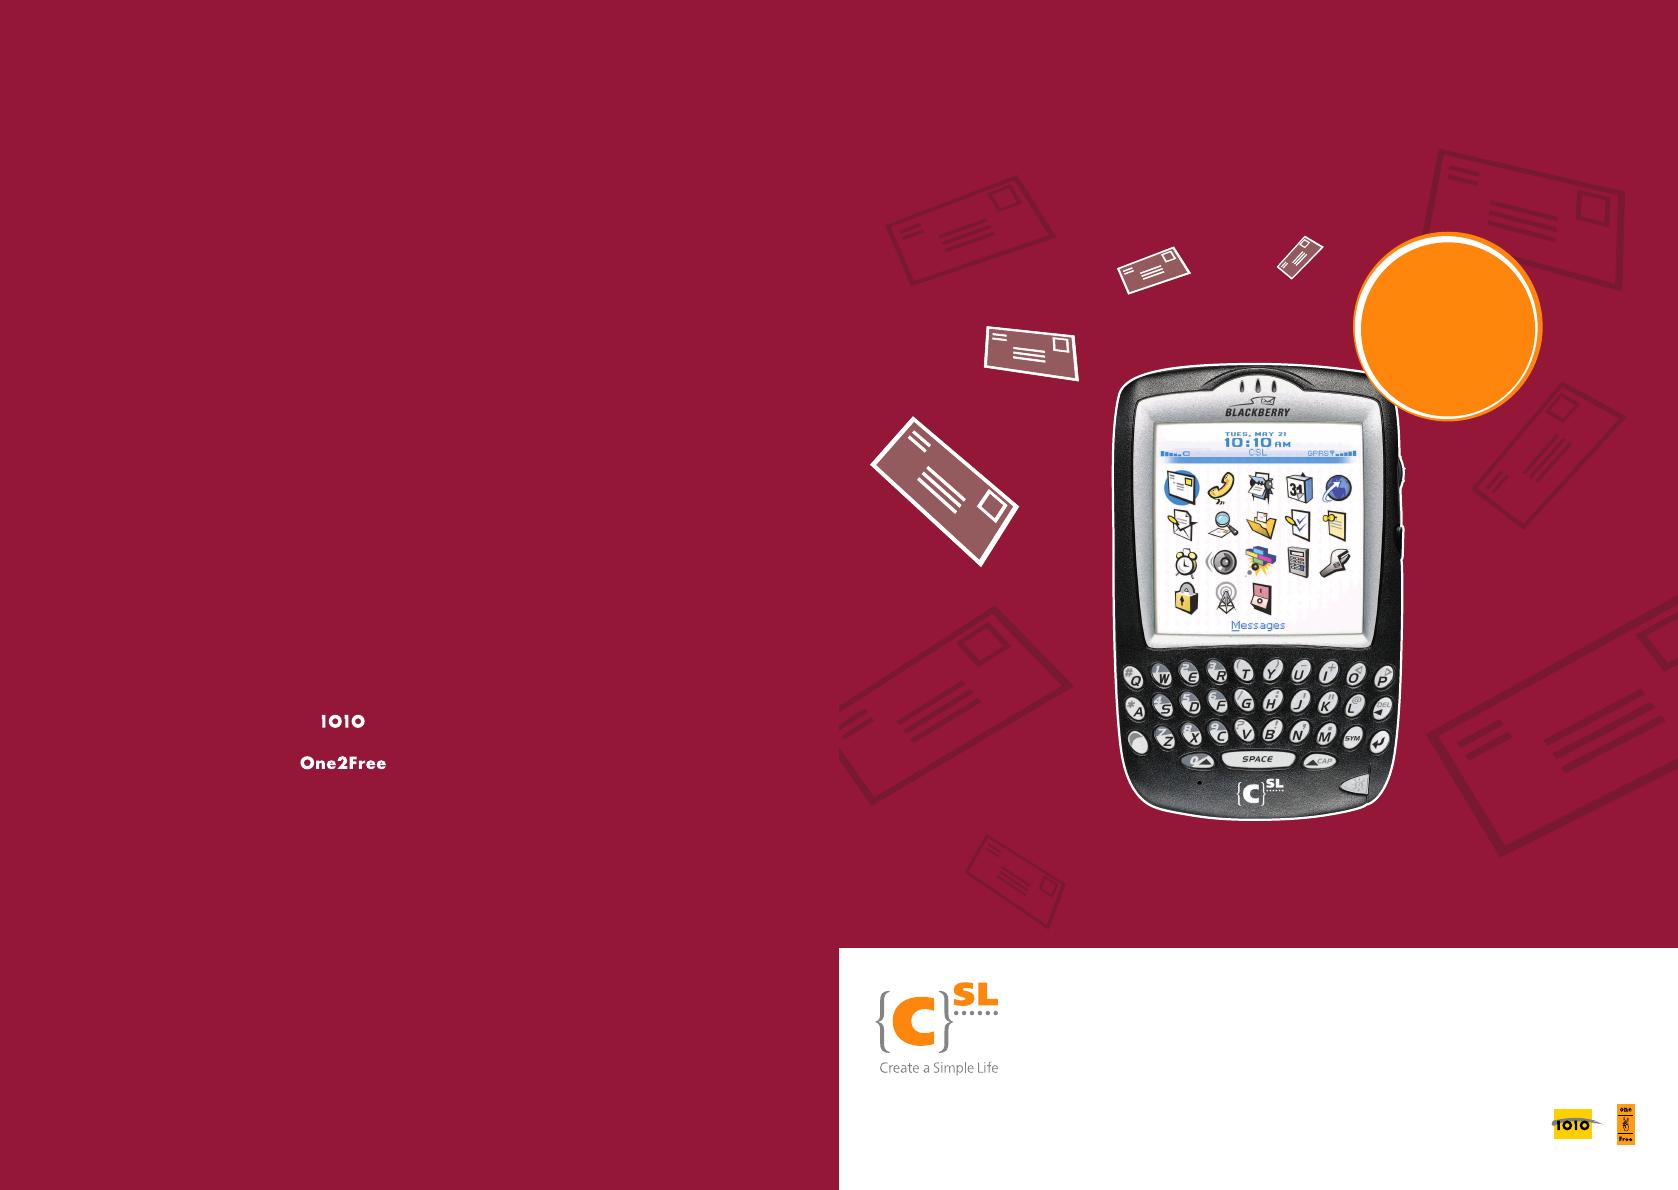 blackberry cell phone 7730 user guide manualsonline com rh cellphone manualsonline com Verizon Wireless BlackBerry Phones BlackBerry Curve 9330 Verizon